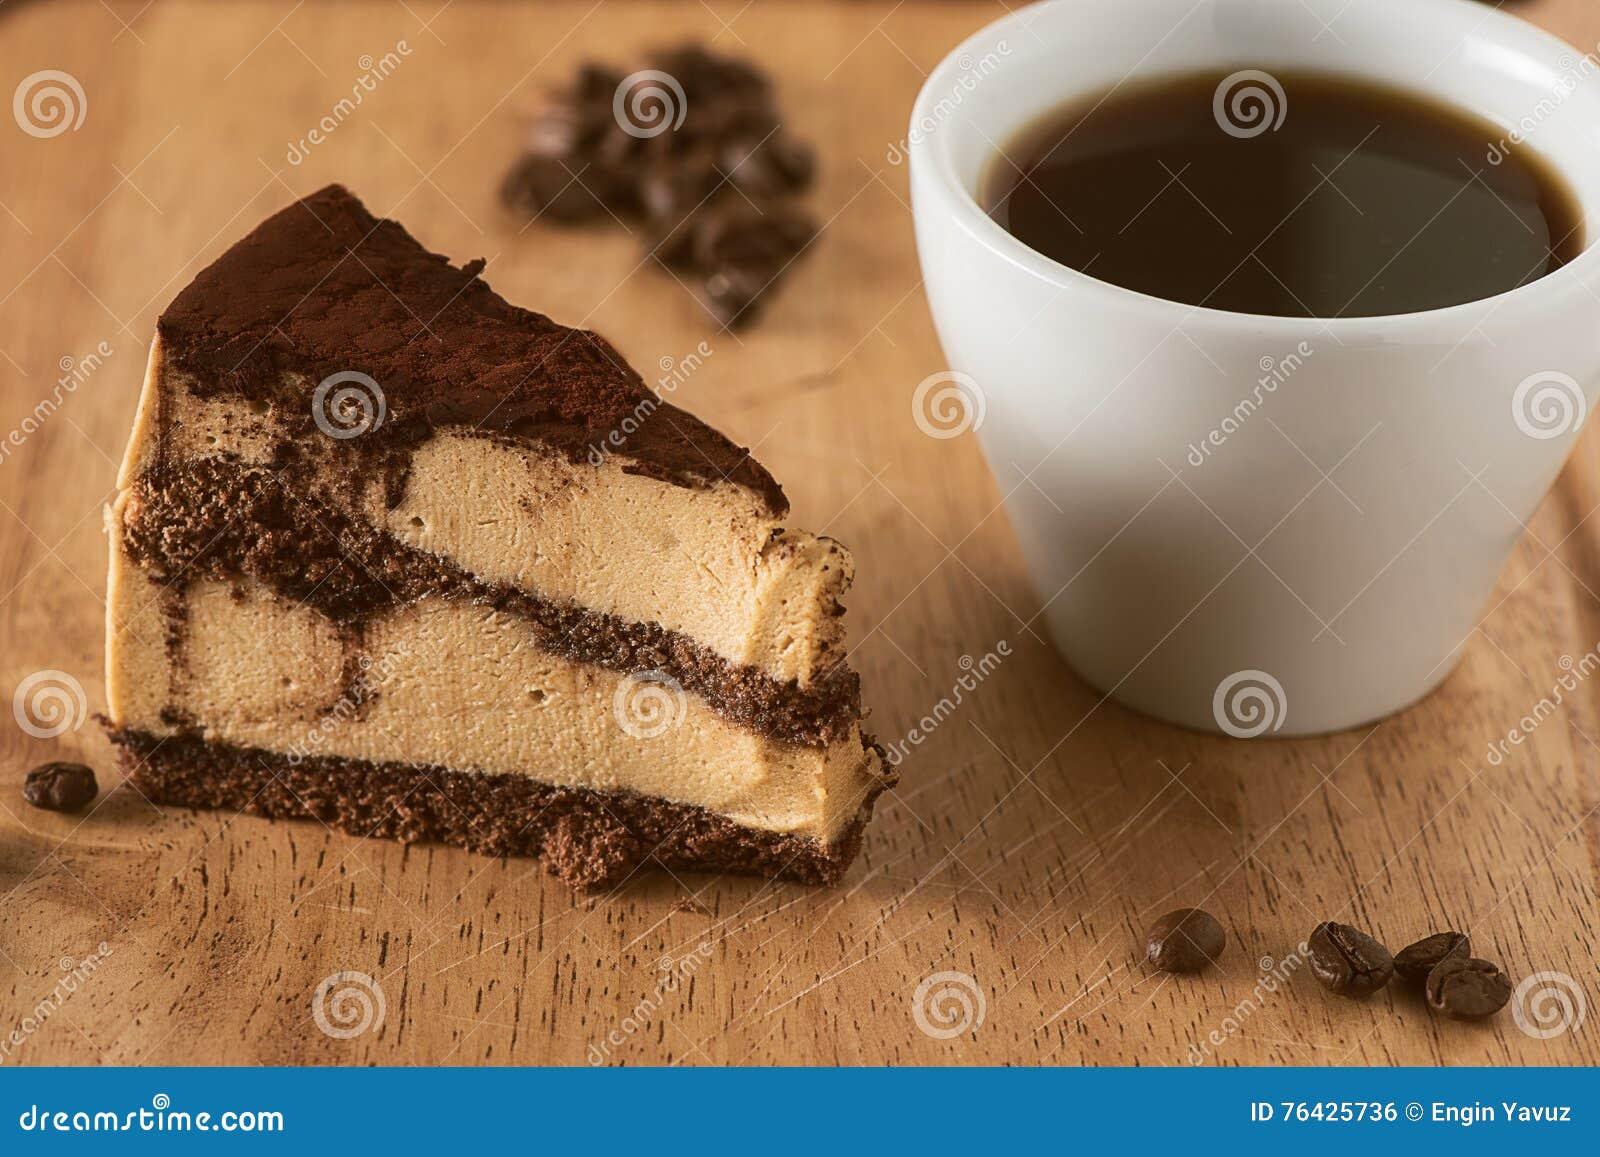 Cumpleaños o pastel de bodas con café